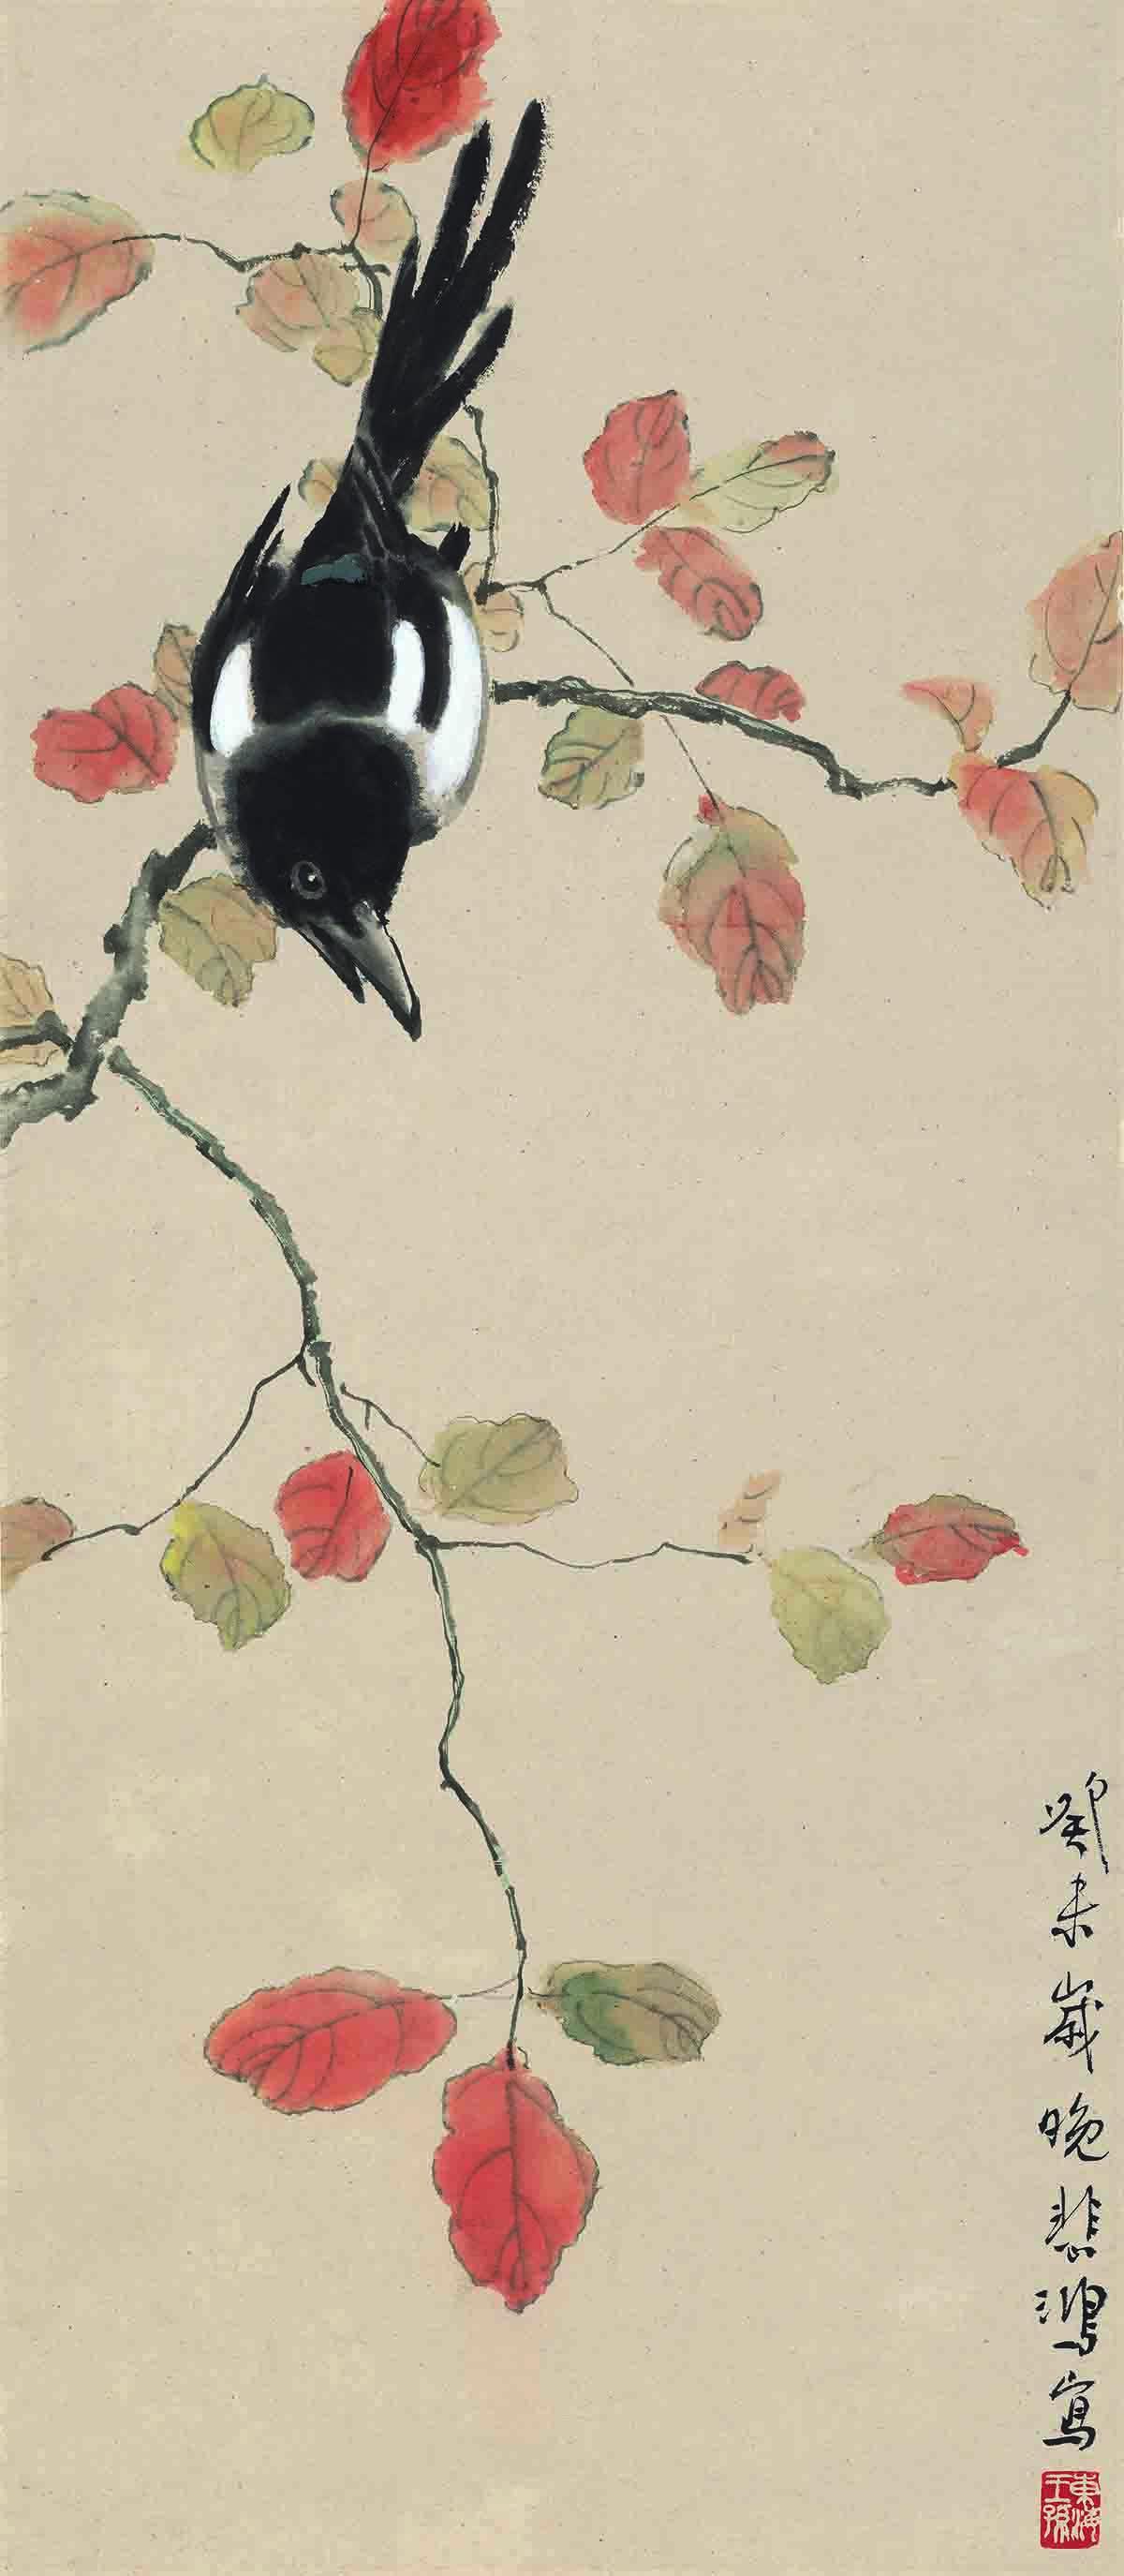 近现代 徐悲鸿-晚秋喜鹊图 纸本30.7x70.5